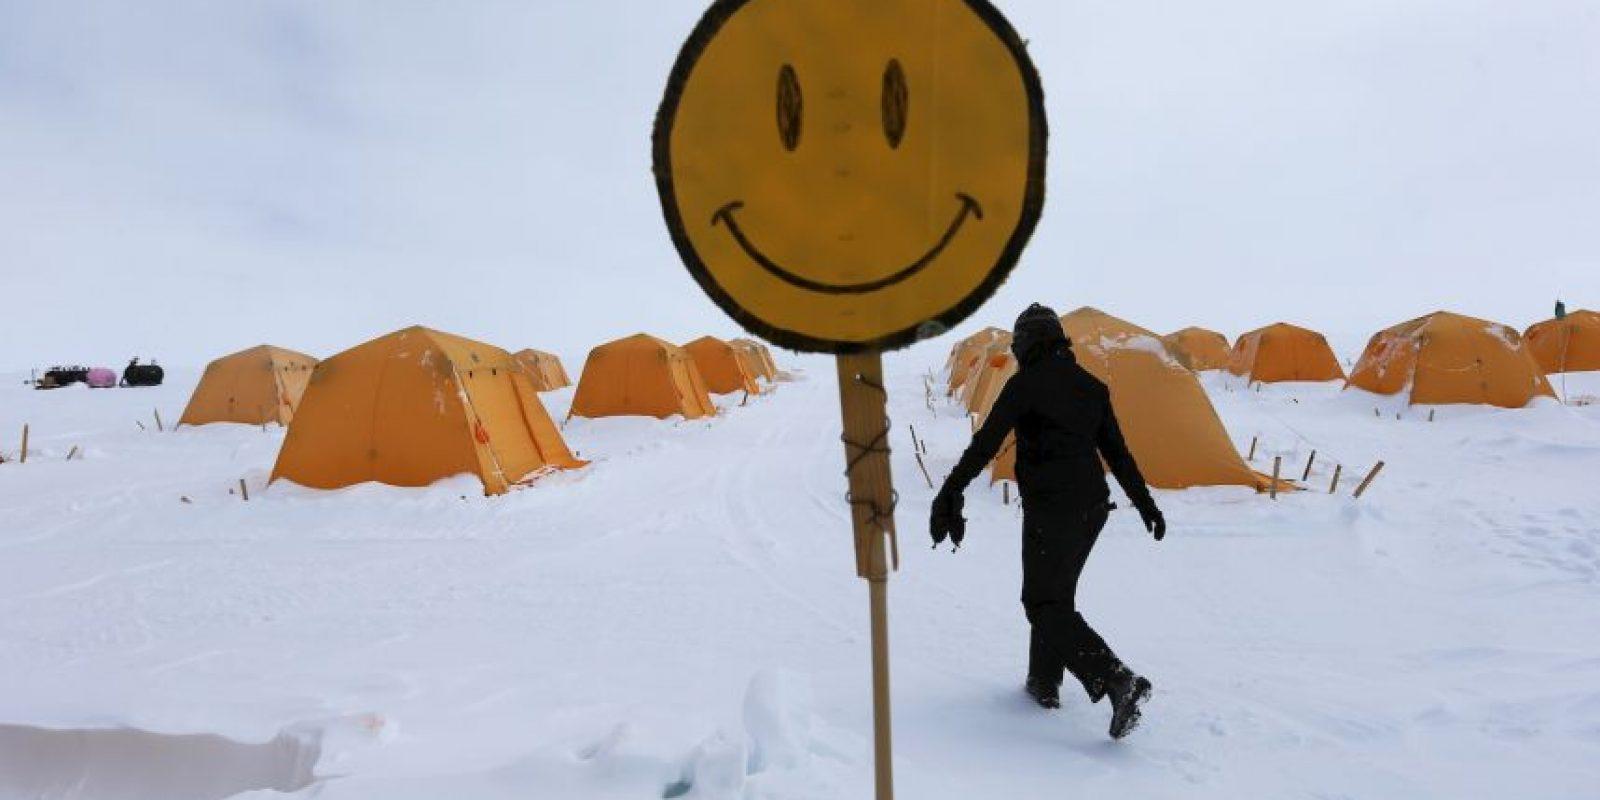 Las verdades científicas: De cada 10 personas que se suicidan, 9 de ellas manifestaron claramente sus propósitos. Foto:Getty Images